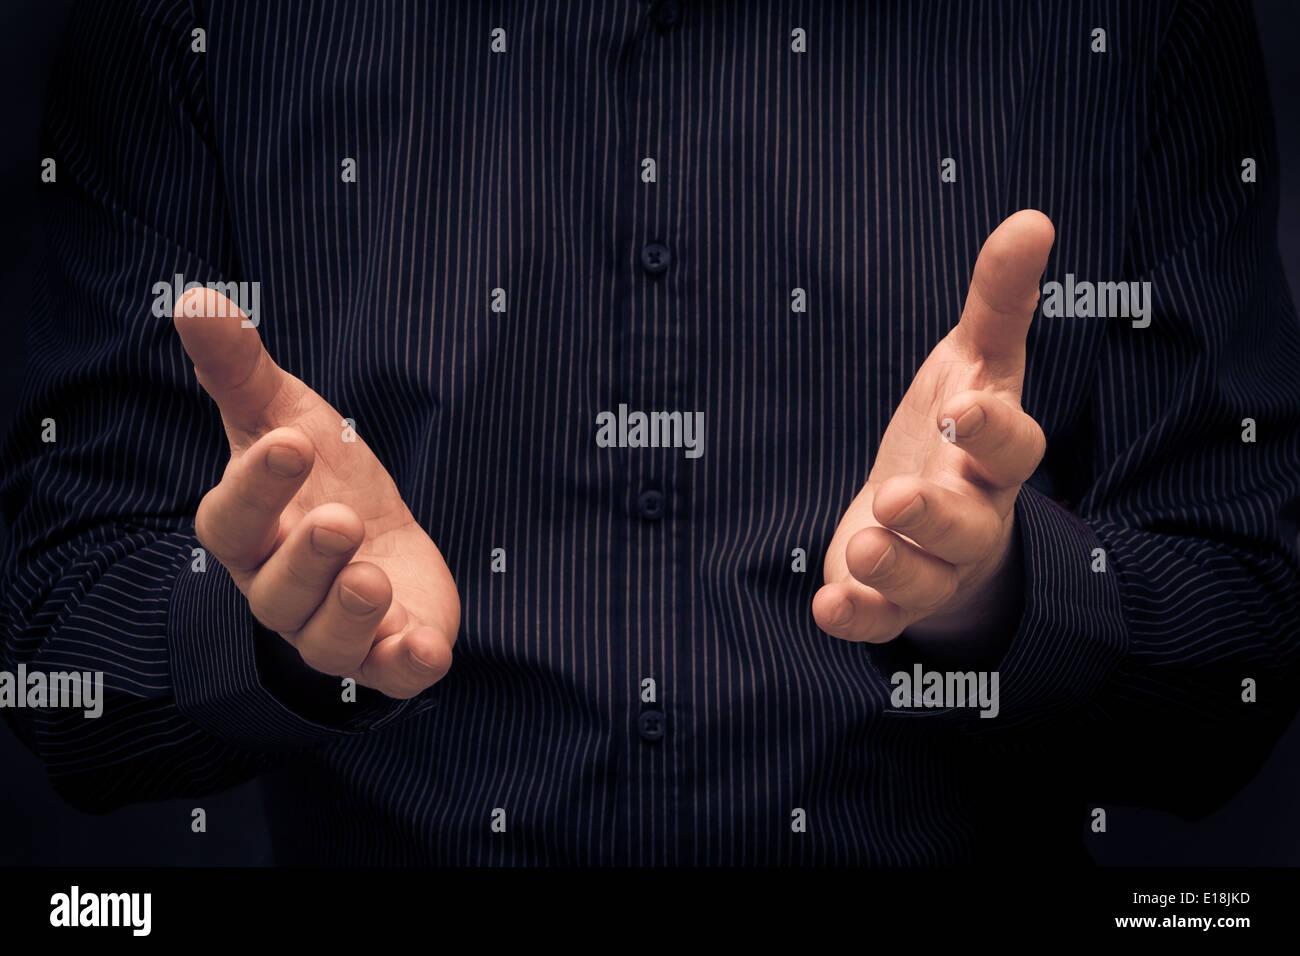 El hombre gesticula durante un discurso o mostrando algo Imagen De Stock